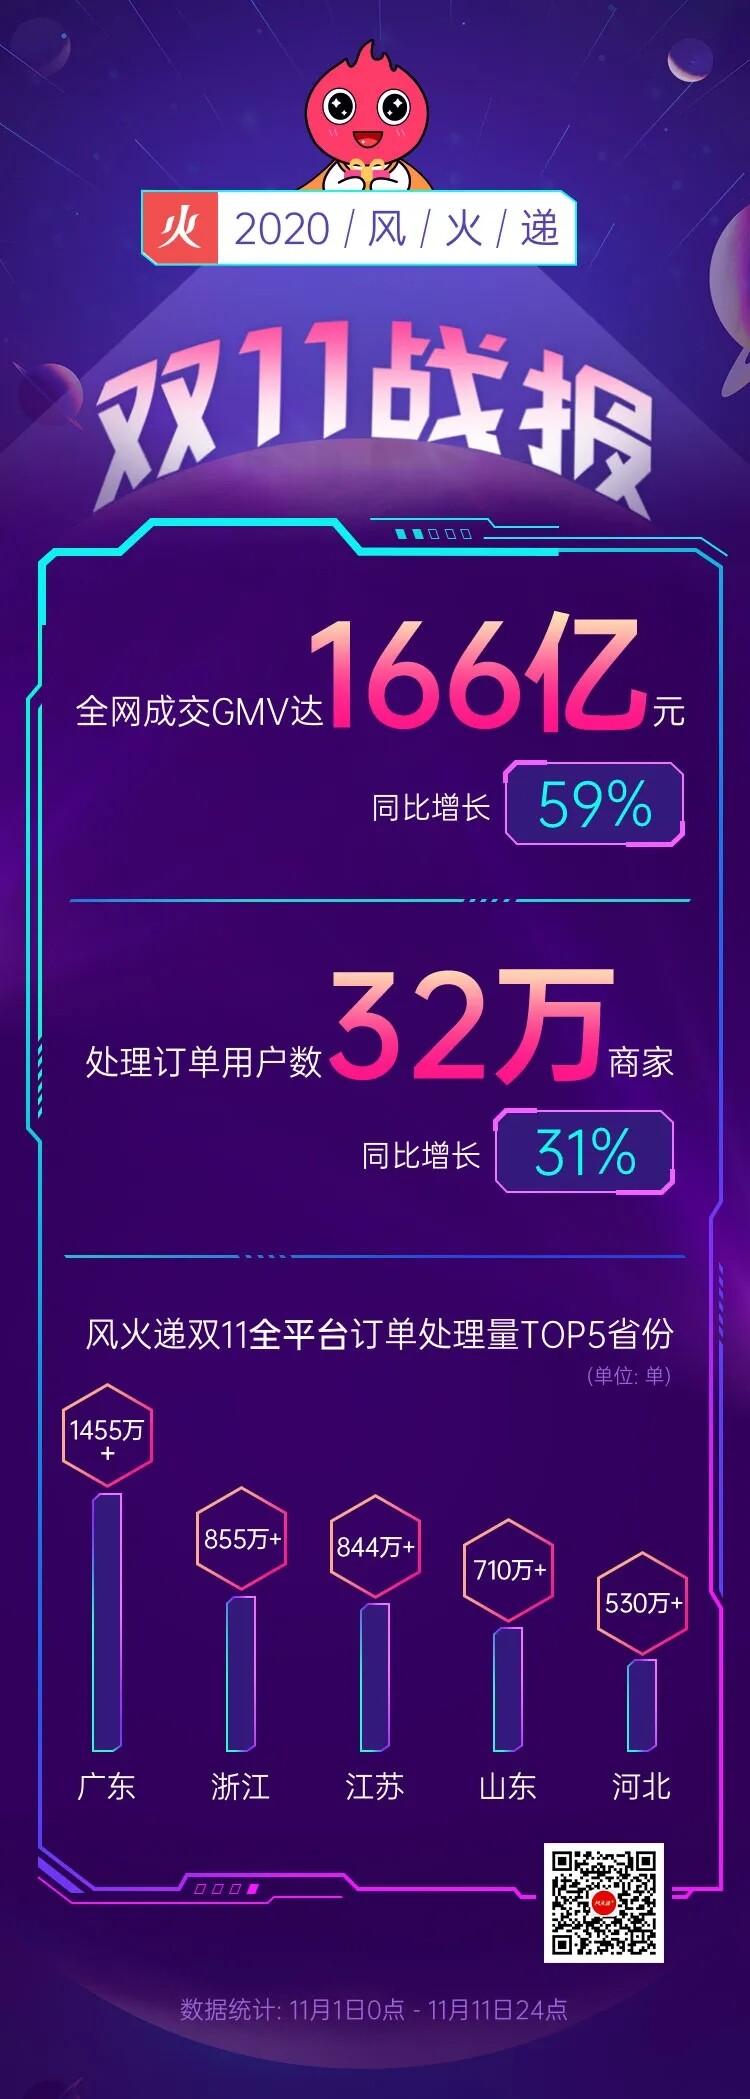 风火递双11:全网成交GMV达166亿元,助力32万小微商家_B2B_电商报